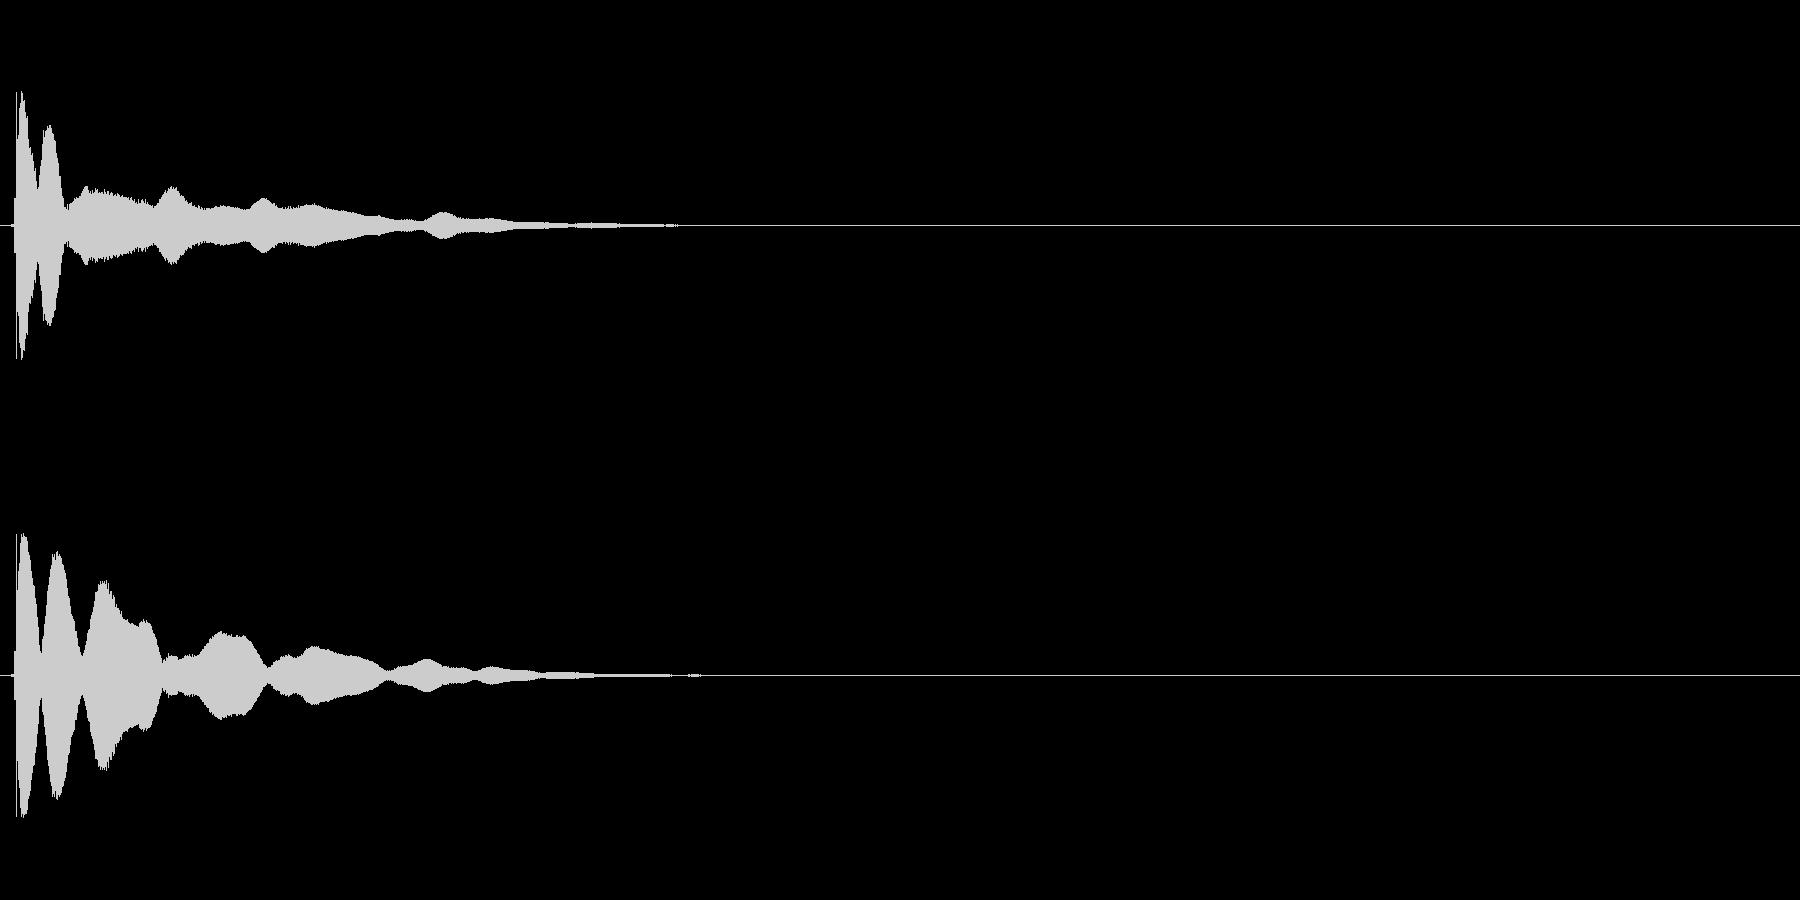 【チーン01-1】の未再生の波形